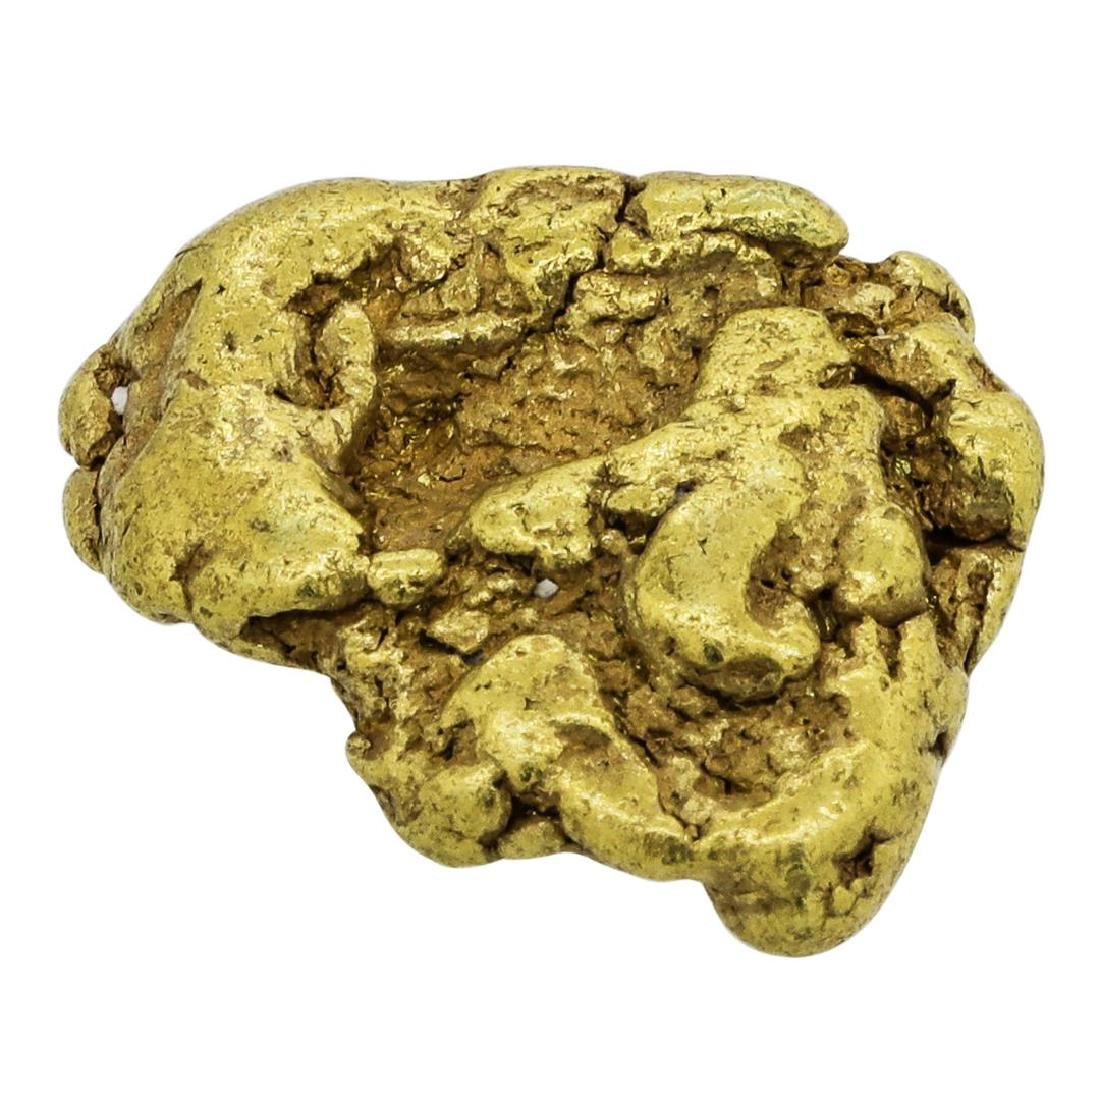 8.29 Gram Alaskan Gold Nugget